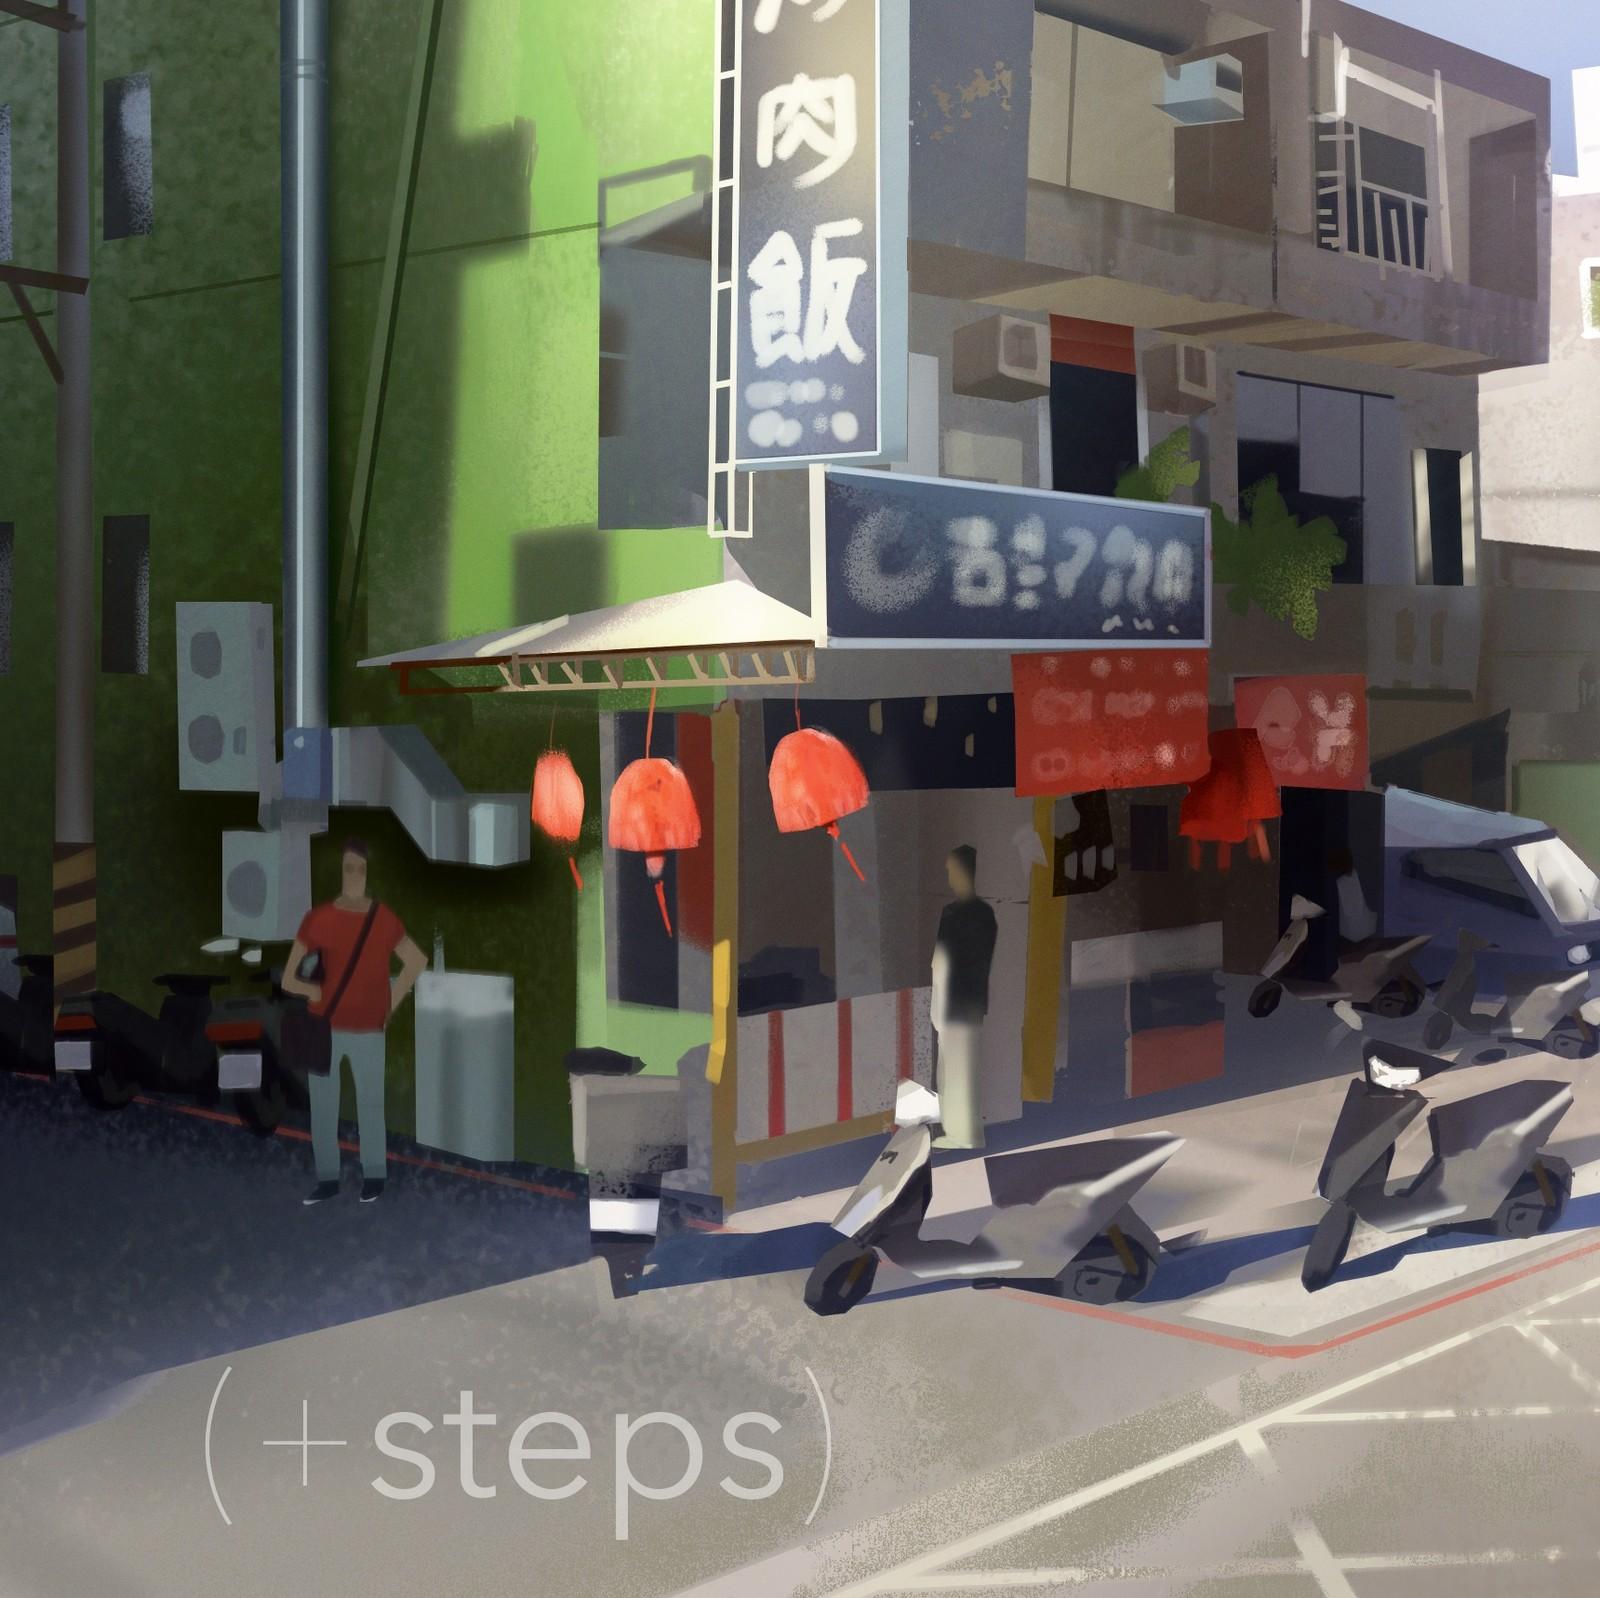 Taipei Street - 01 (+steps)